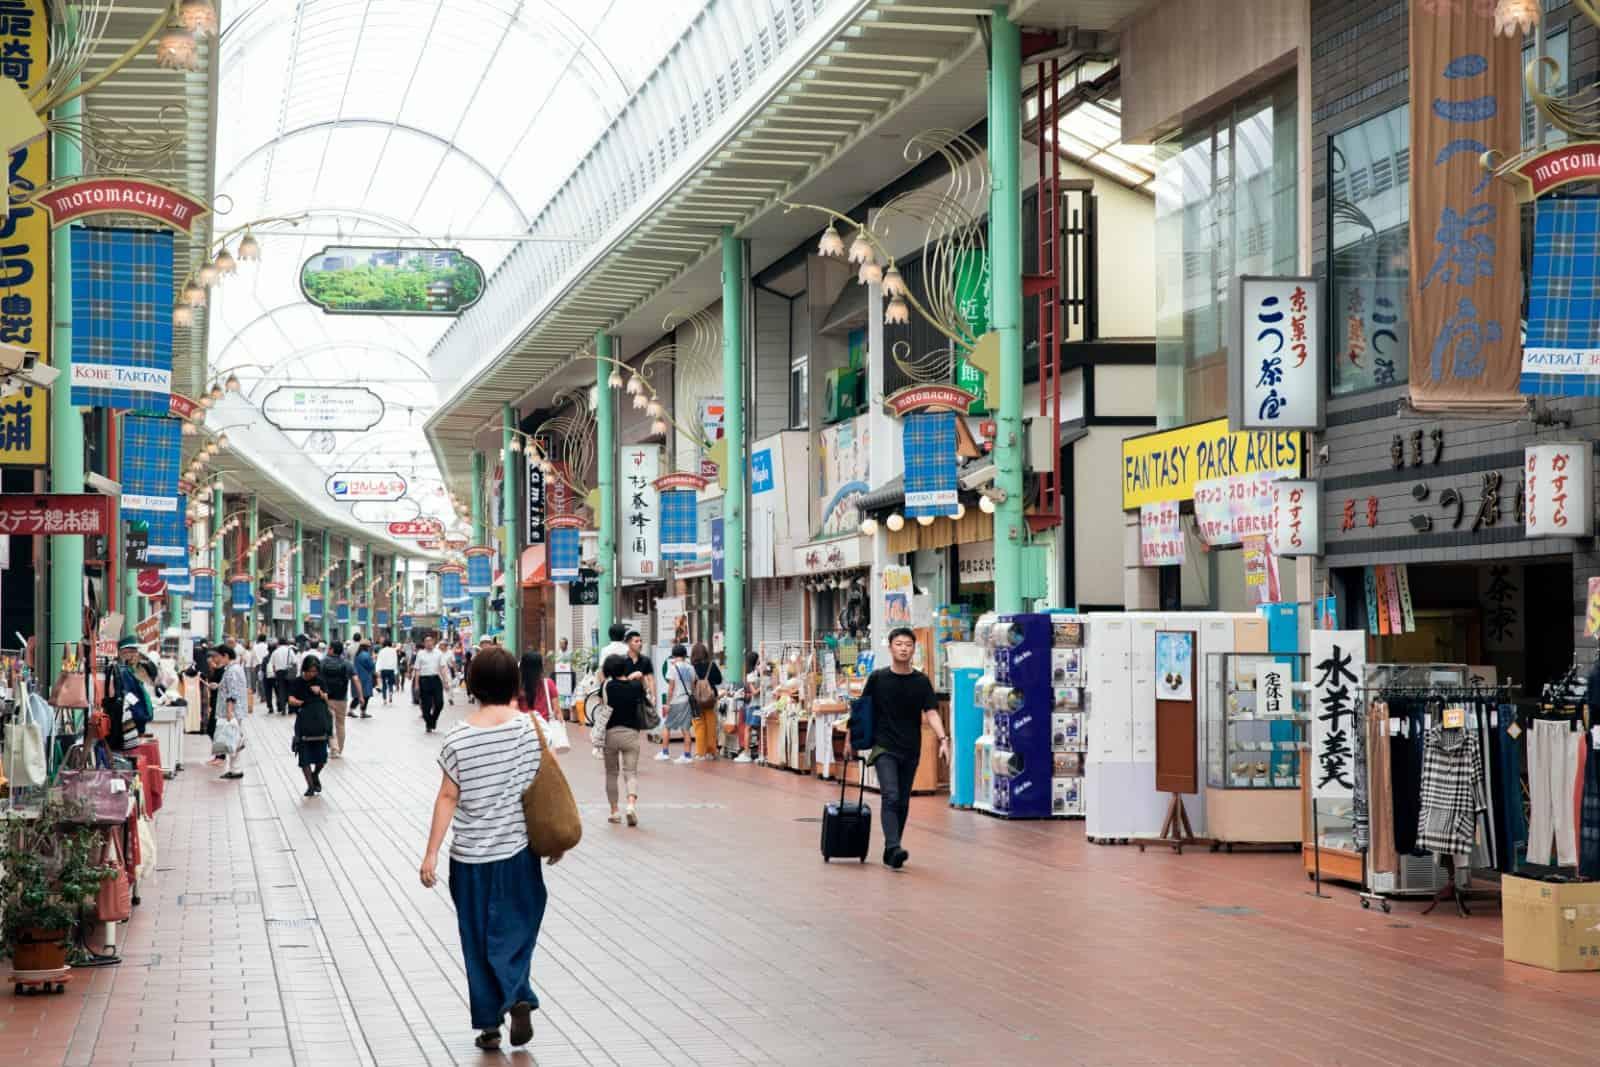 วิธีไปโกเบ (Kobe) - โมโตมาจิ (Motomachi)